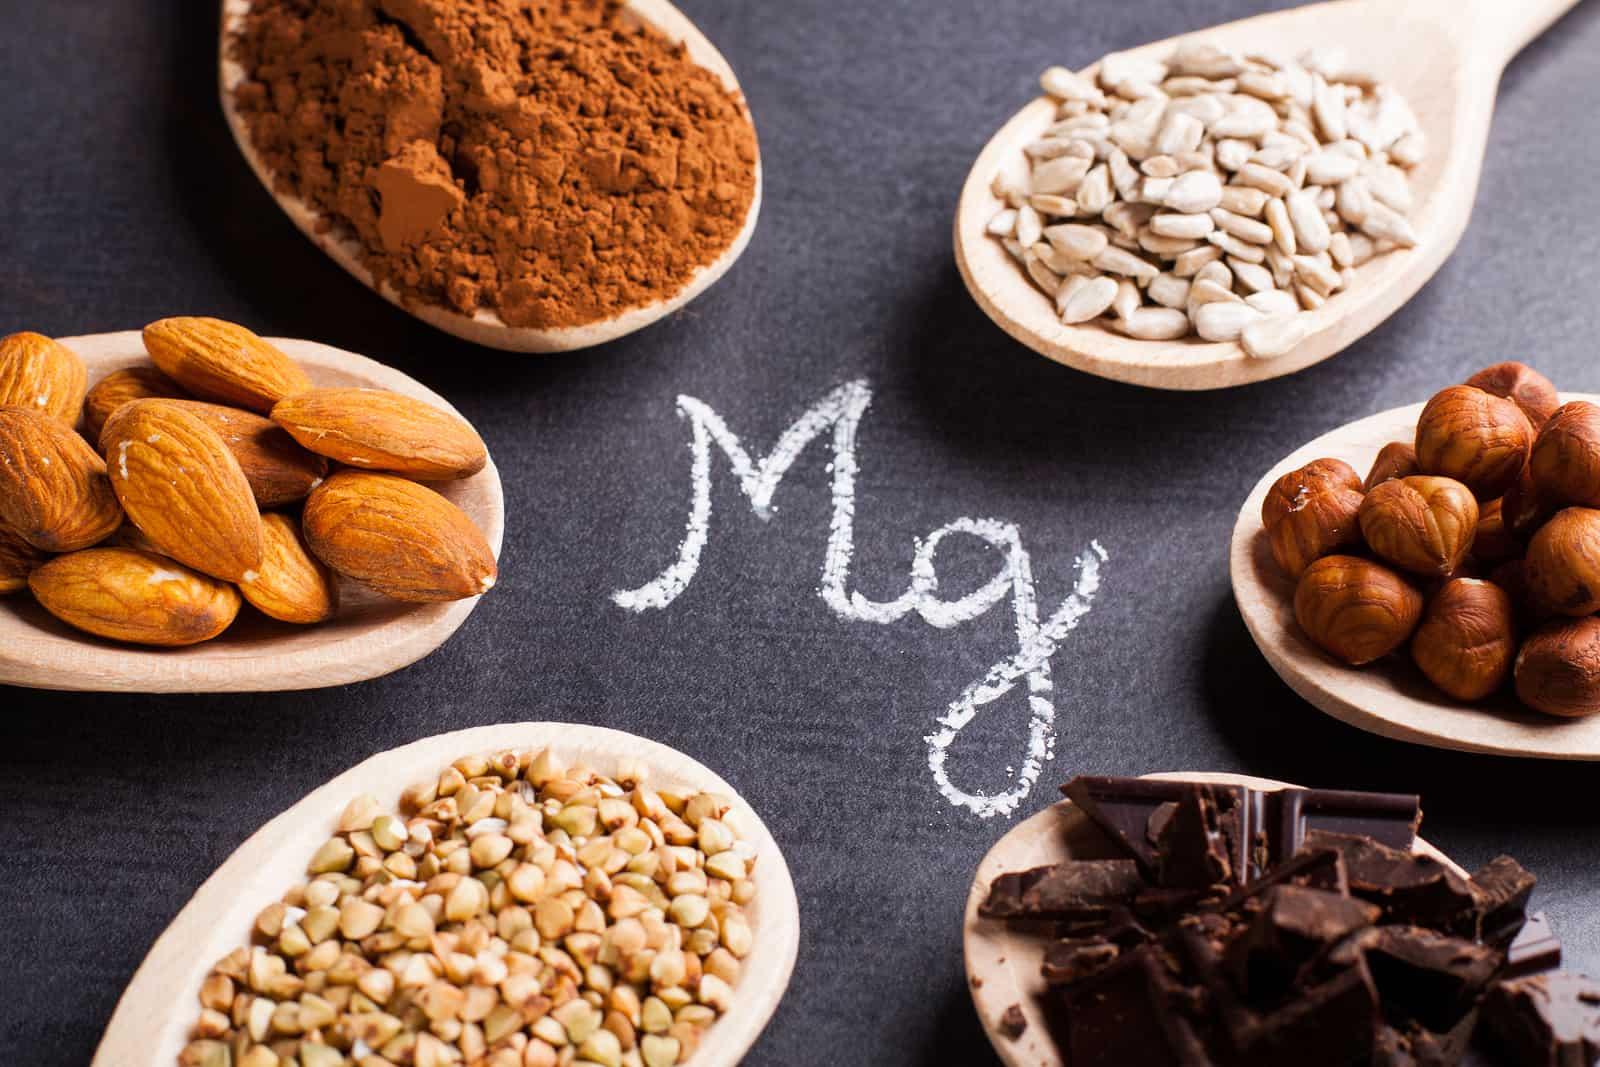 أعراض نقص المغنسيوم